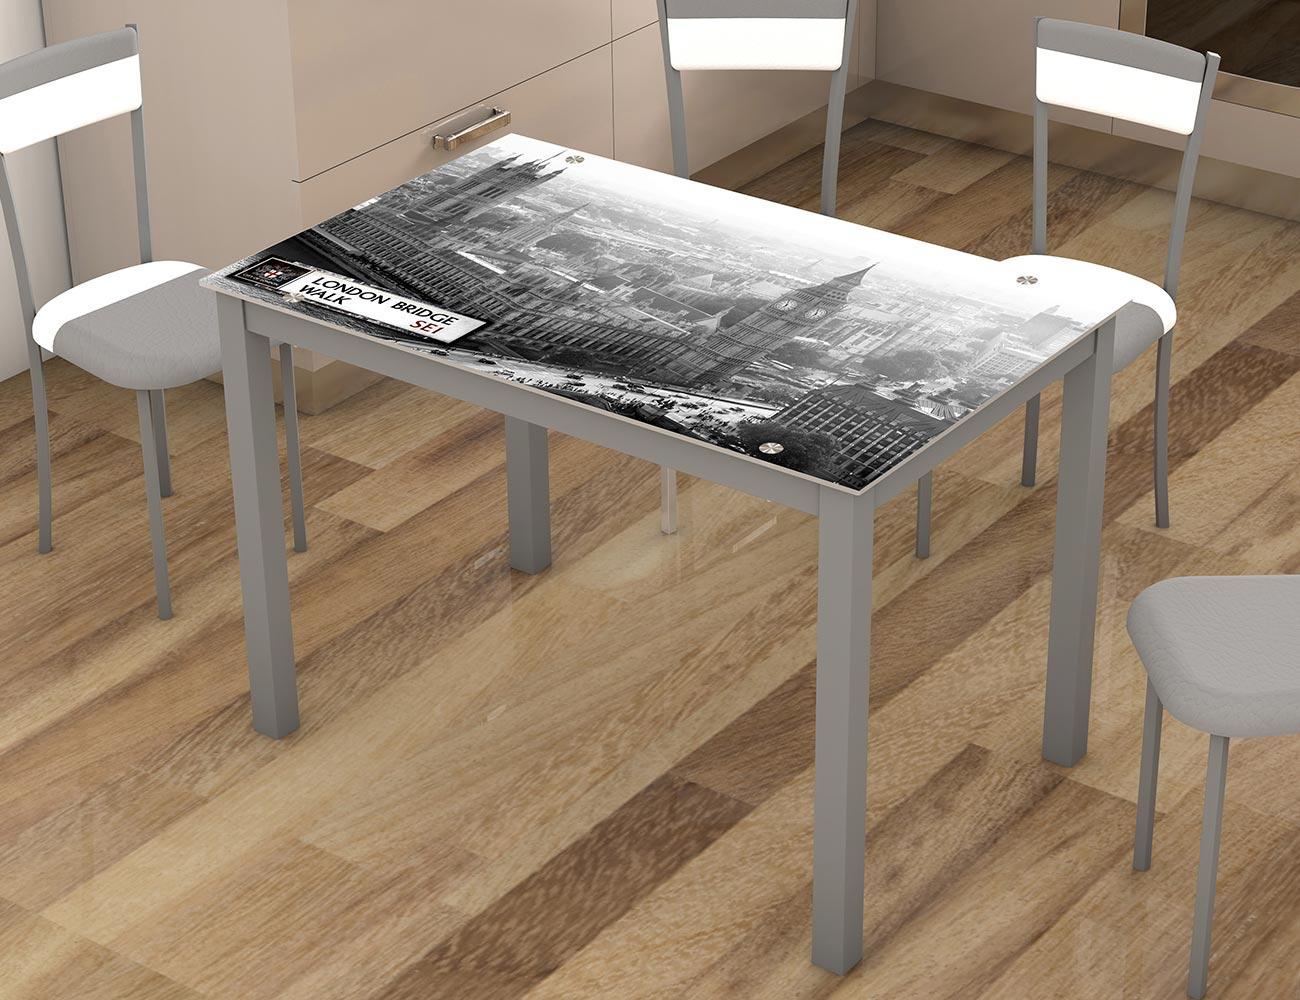 Mesa de cocina con cristal templando London (21476)   Factory del ...